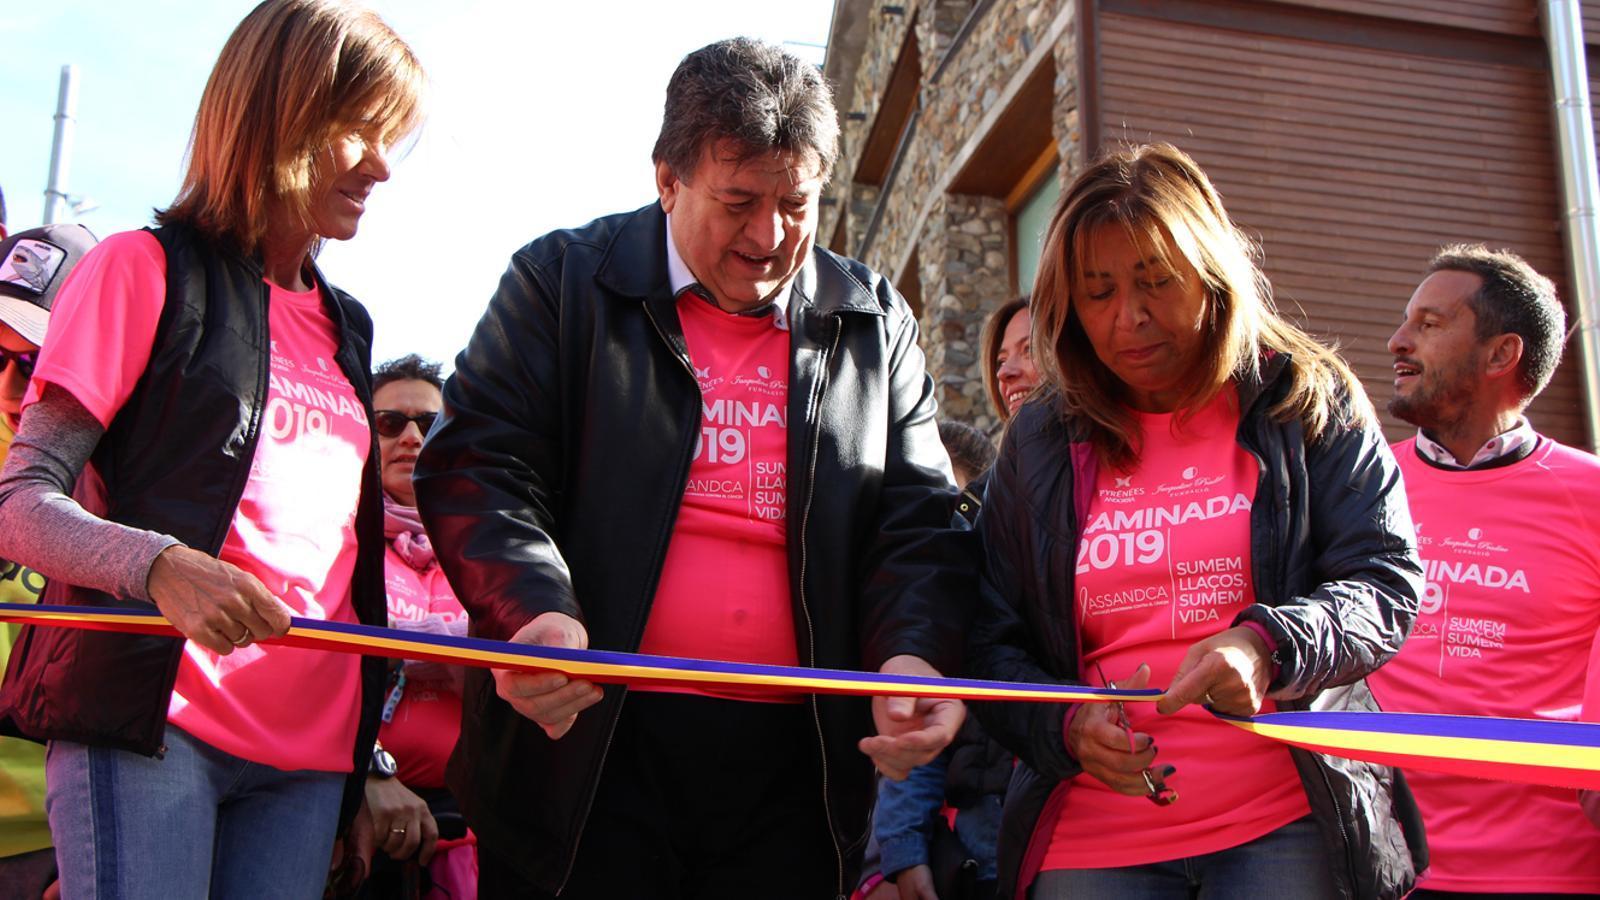 Conxita Marsol, Josep Saravia i Ester Vilarrubla inauguren la 6a edició de la Caminada contra el càncer. / M. P. (ANA)